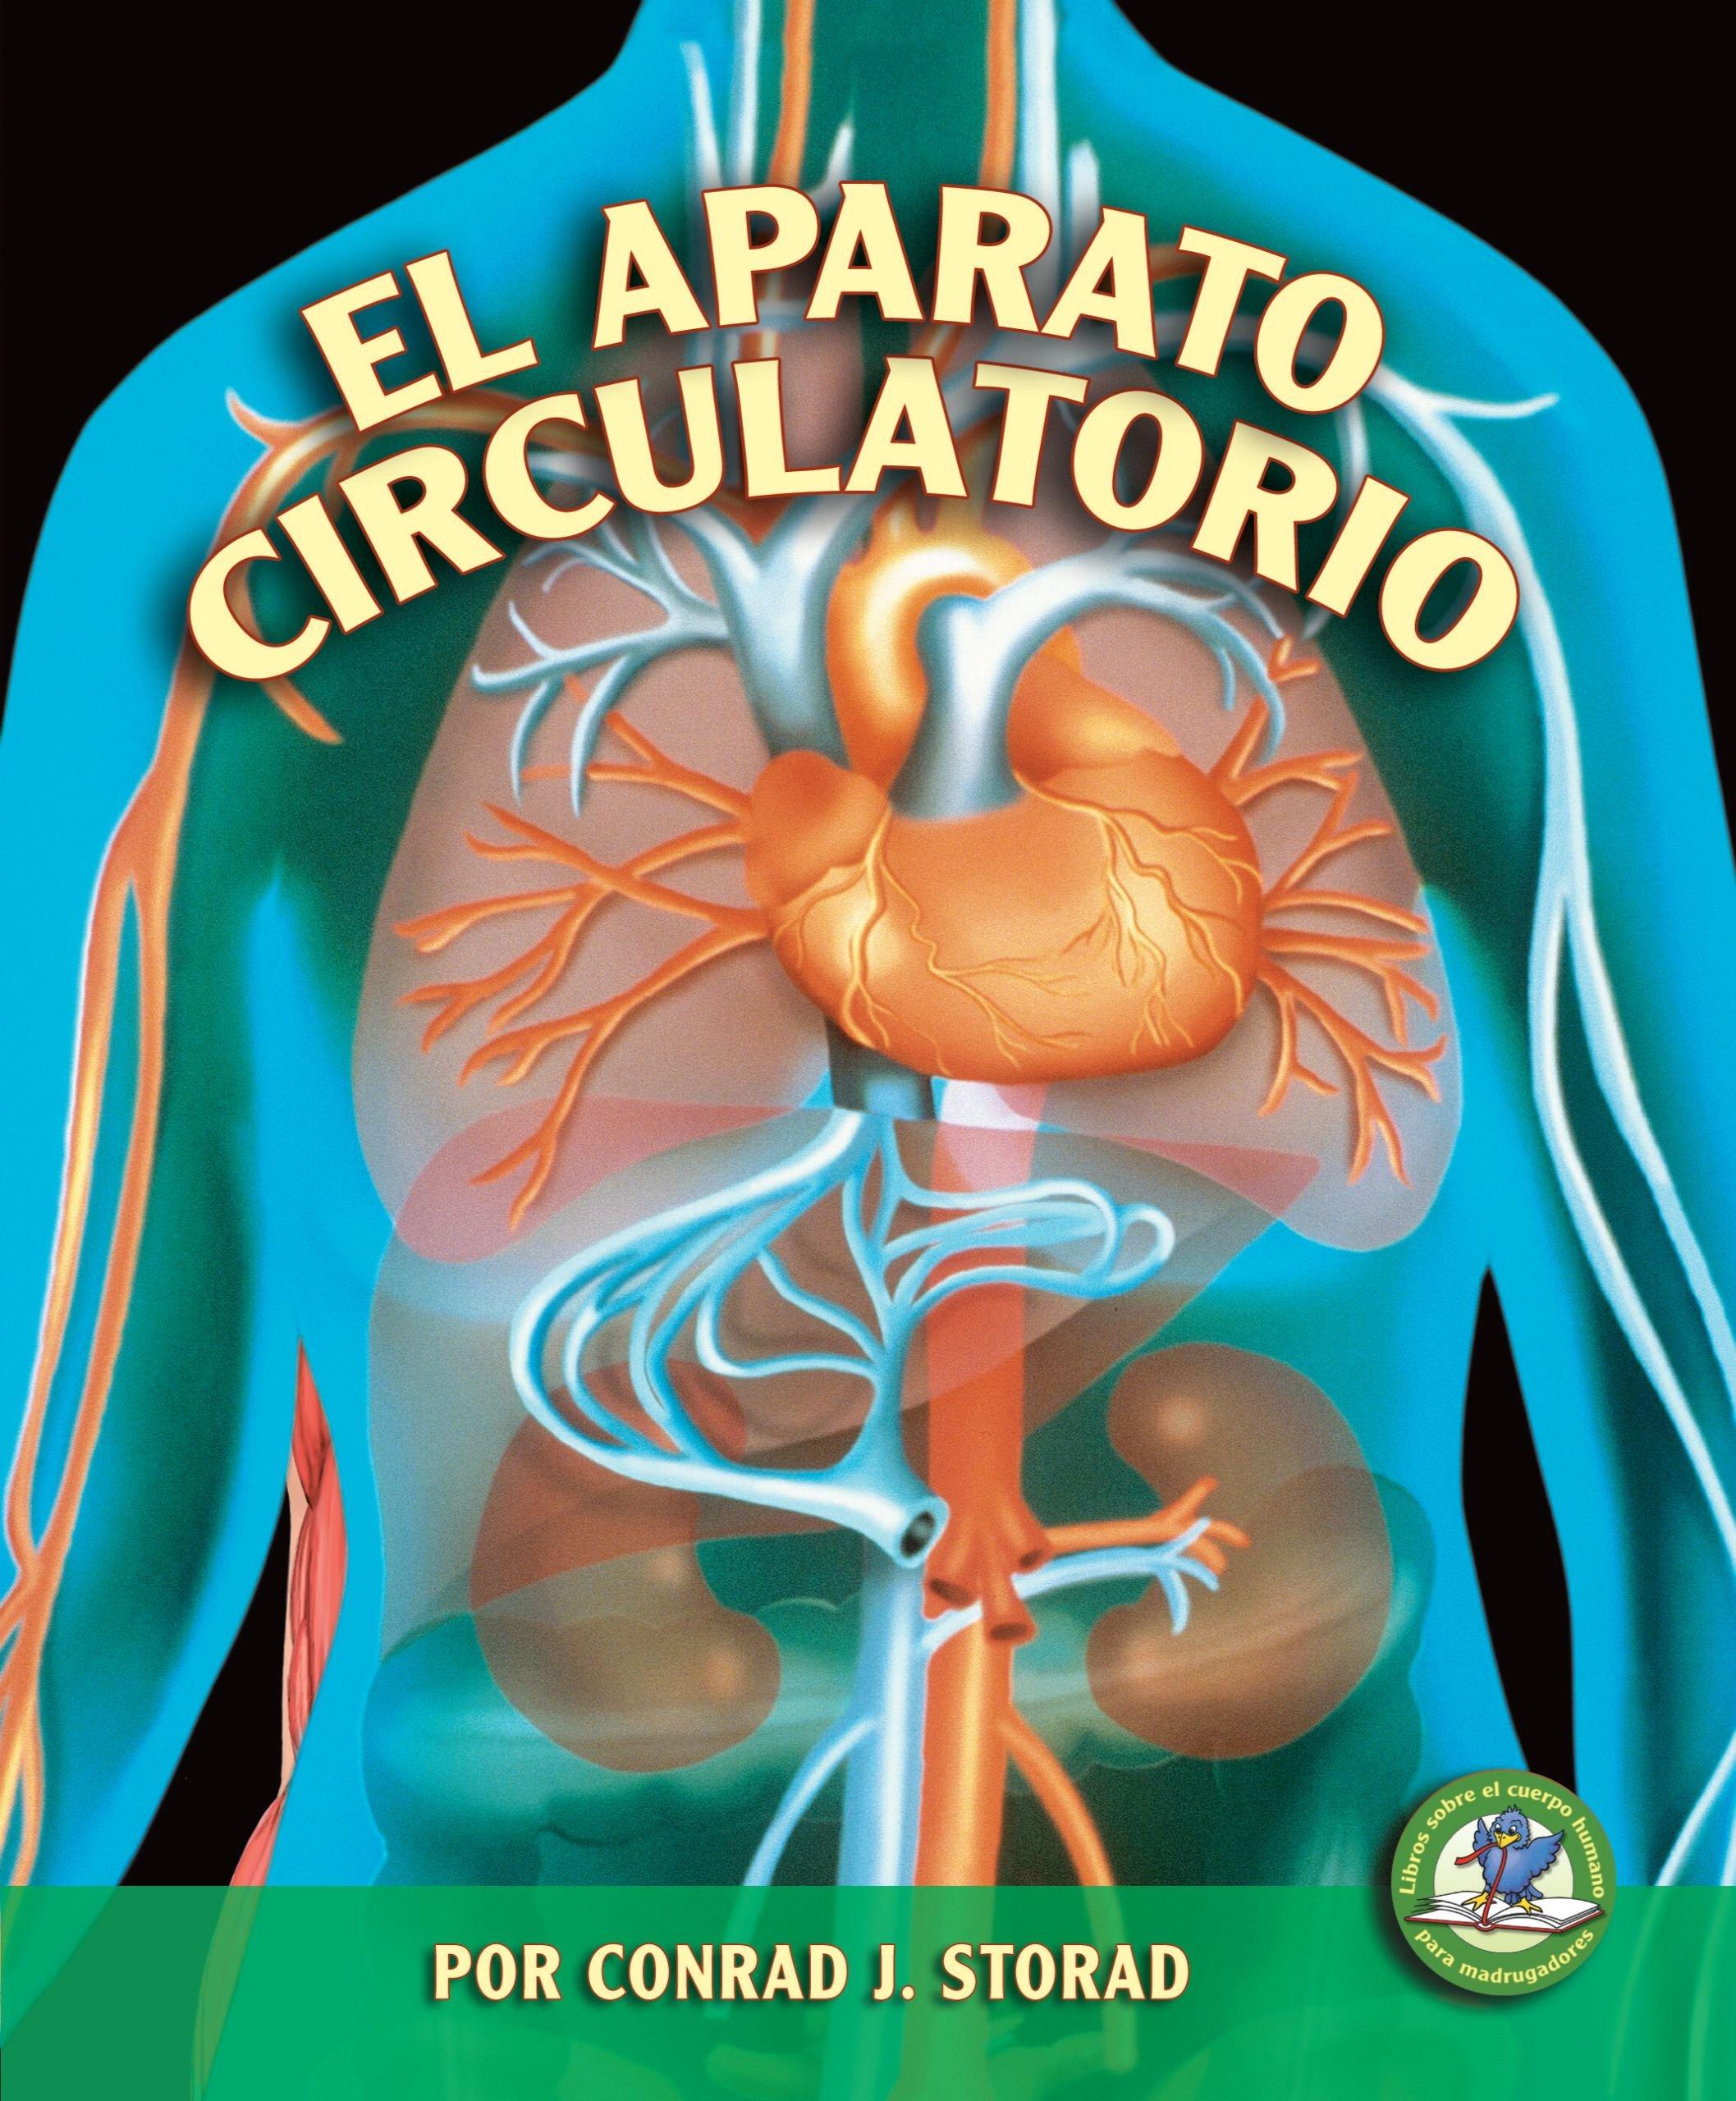 El Aparato Circulatorio (Libros Sobre El Cuerpo Humano Para Madrugadores) (Spanish Edition) (Libros Sobre El Cuerpo Humano Para Mandrugadores/Early Bird Body Systems) pdf epub